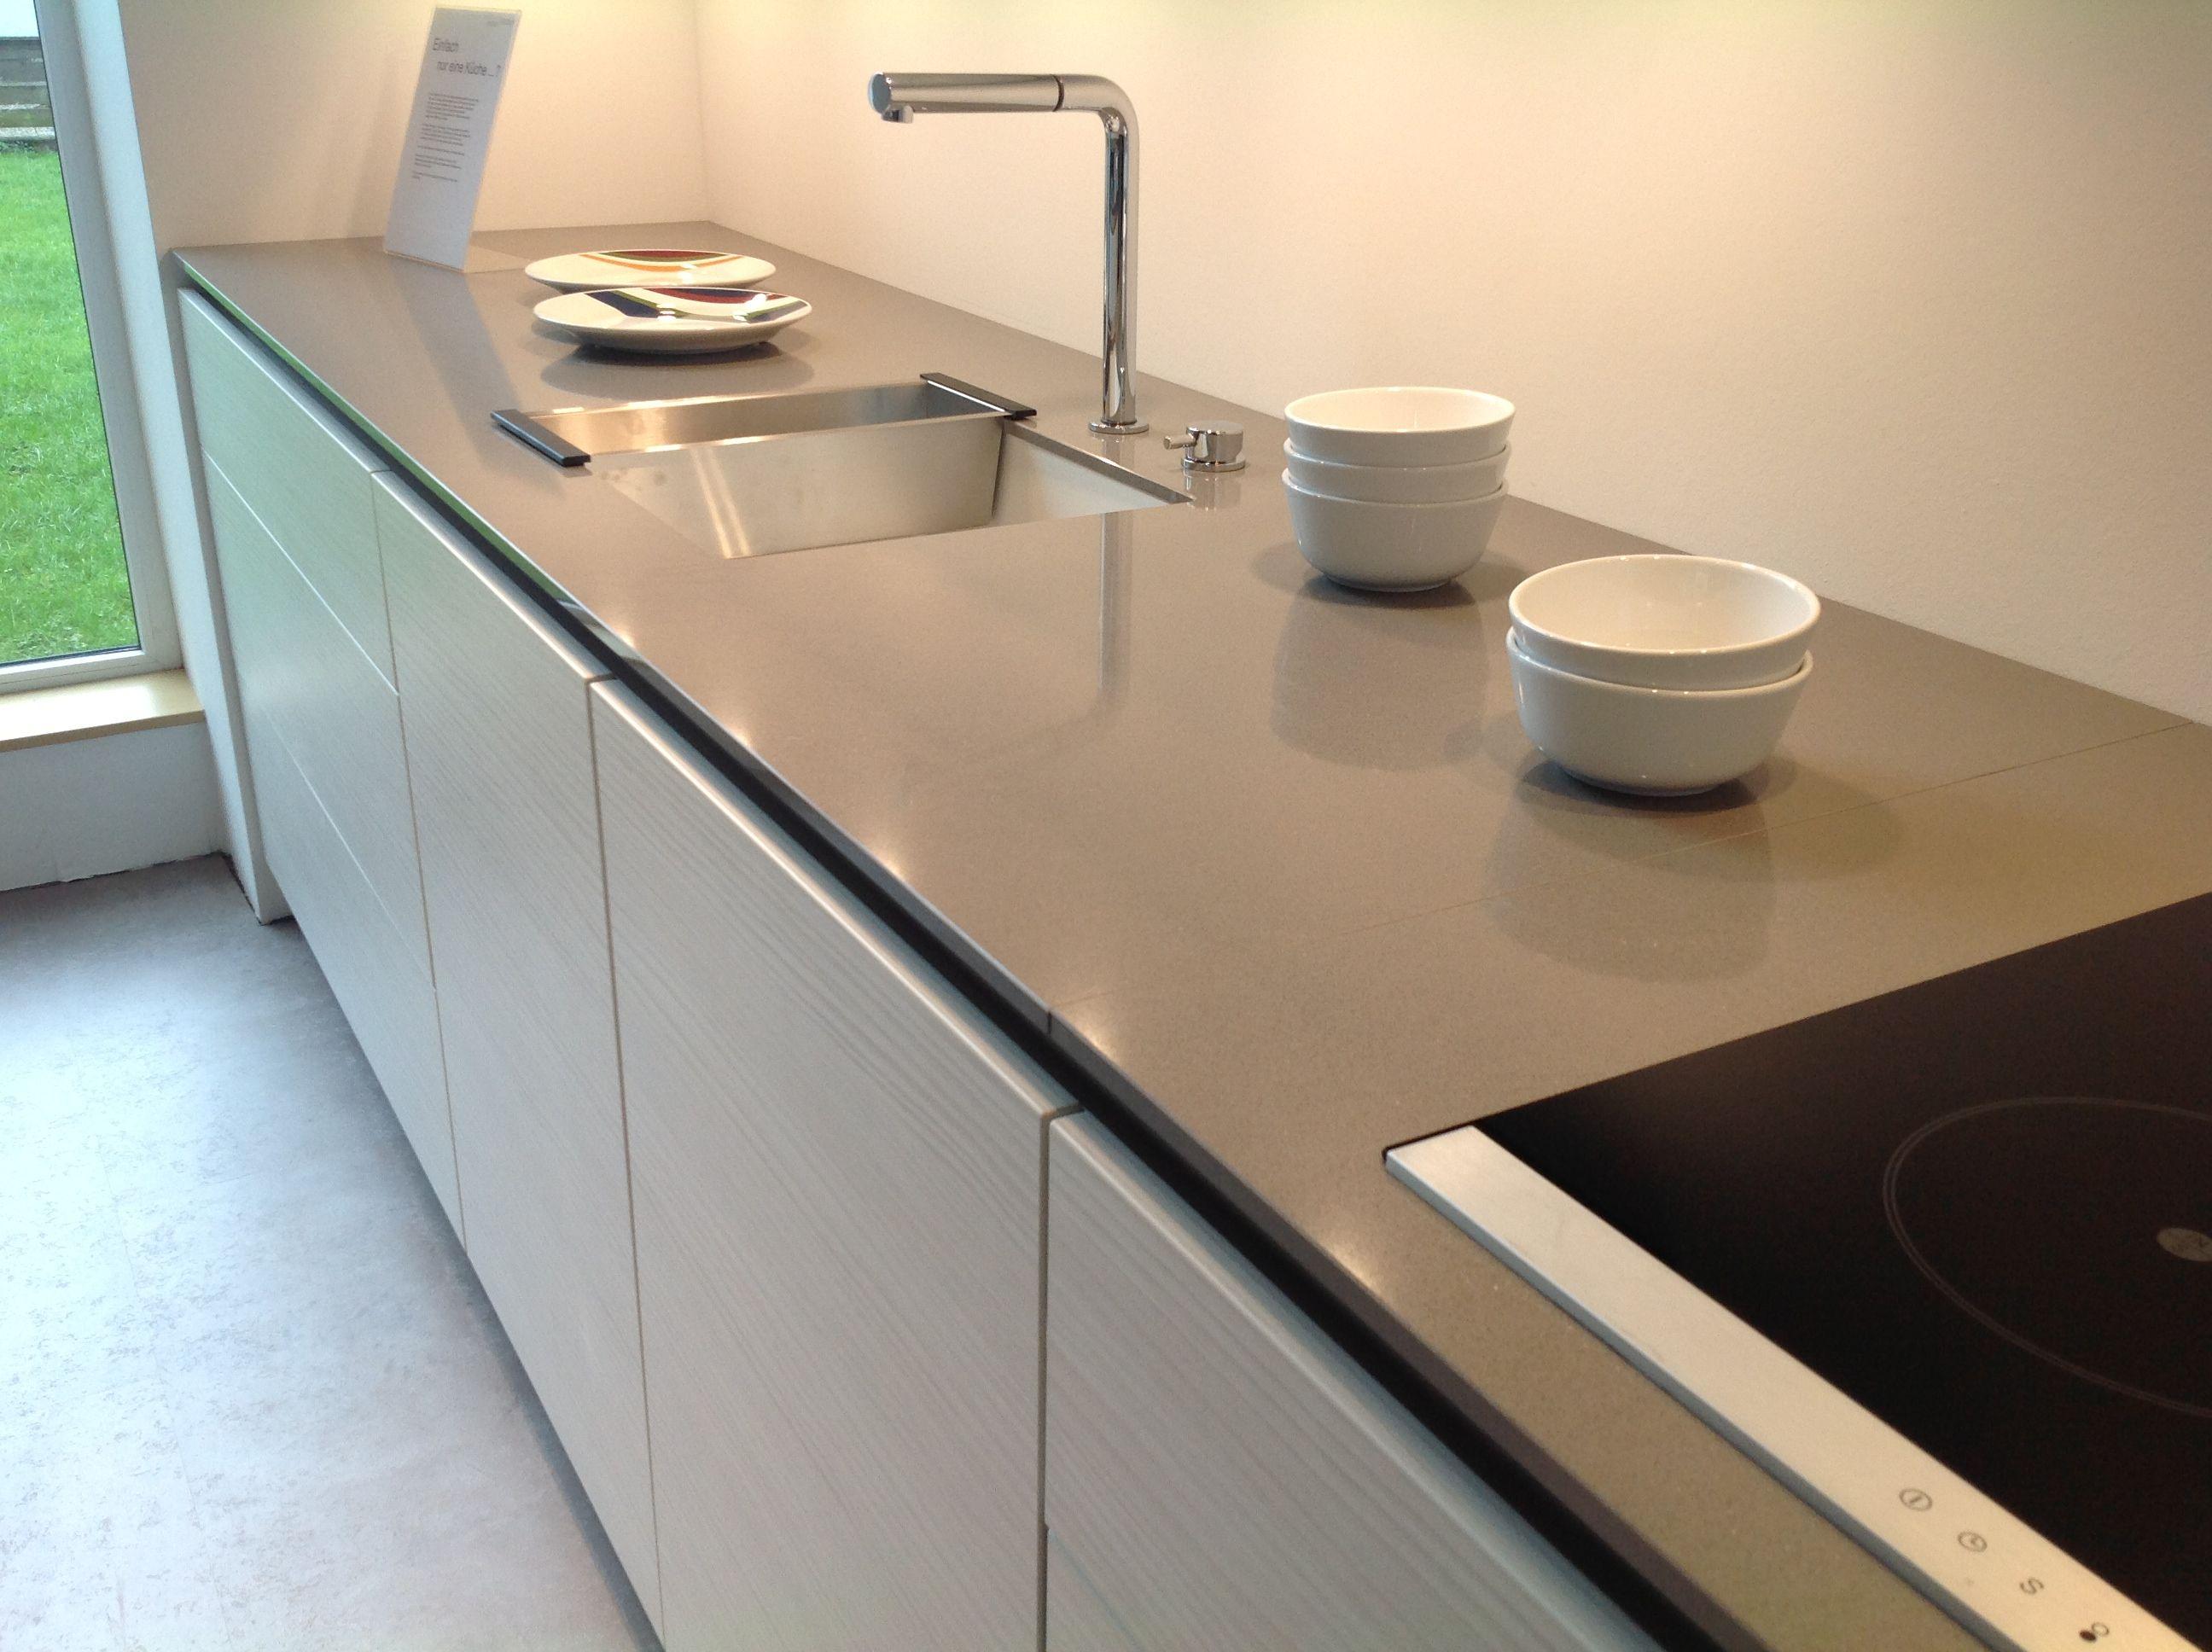 küchenarbeitsplatte aus silestone | at home | pinterest